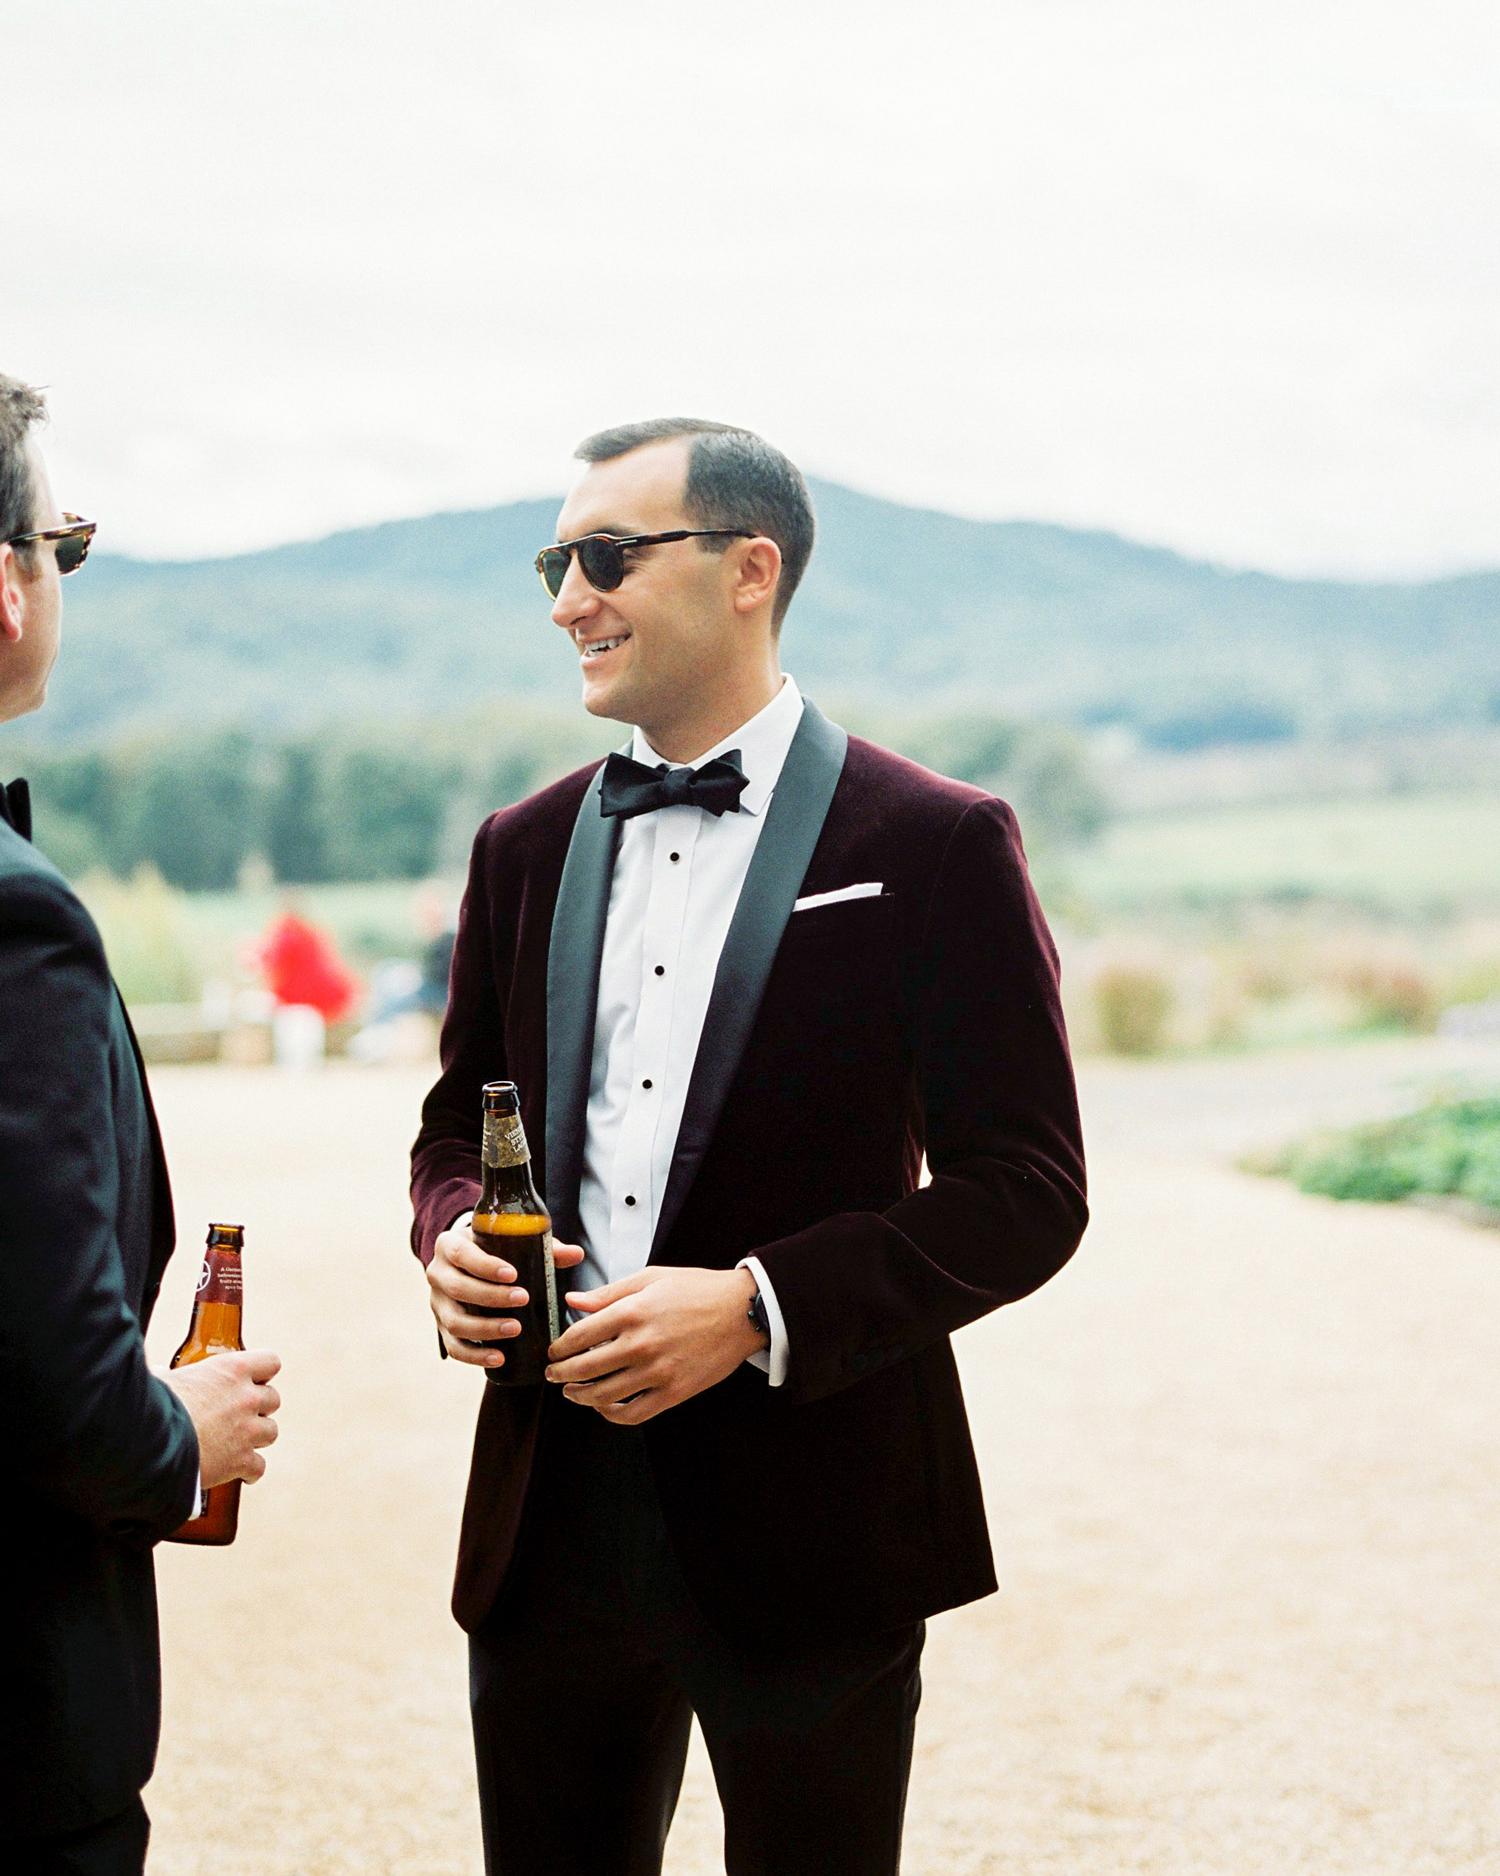 burgundy dinner jacket wedding tuxedo